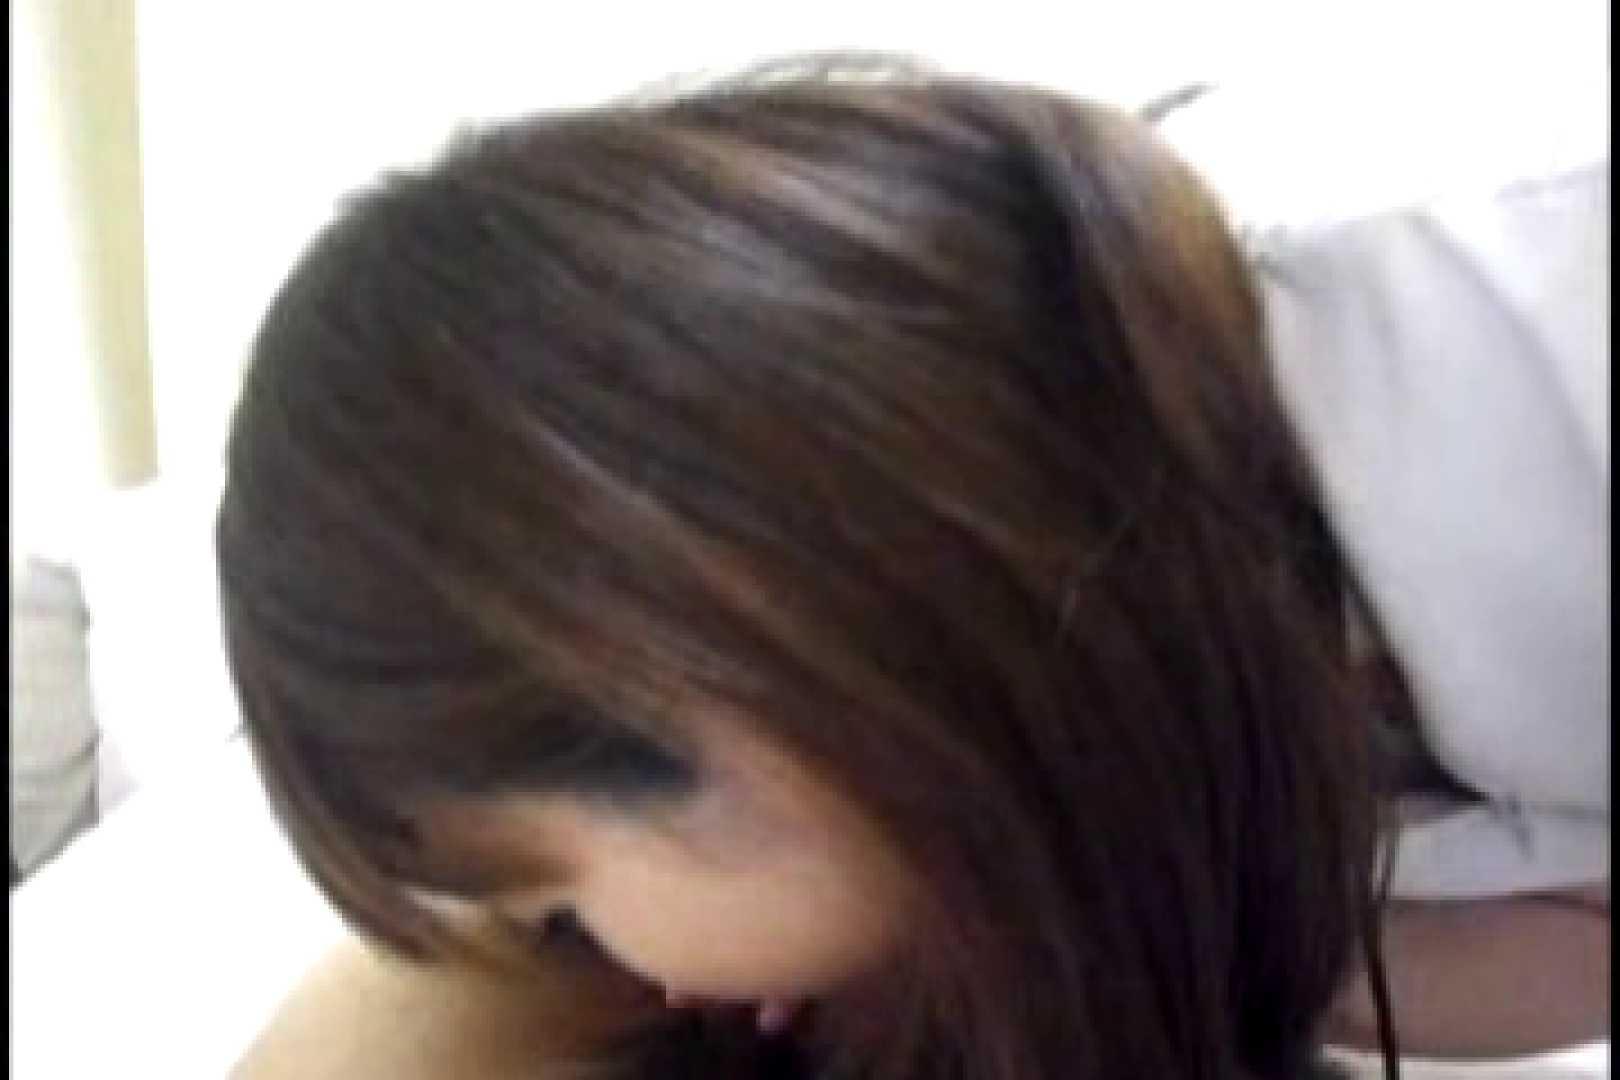 ヤリマンと呼ばれた看護士さんvol1 綺麗なOLたち おまんこ無修正動画無料 71枚 52